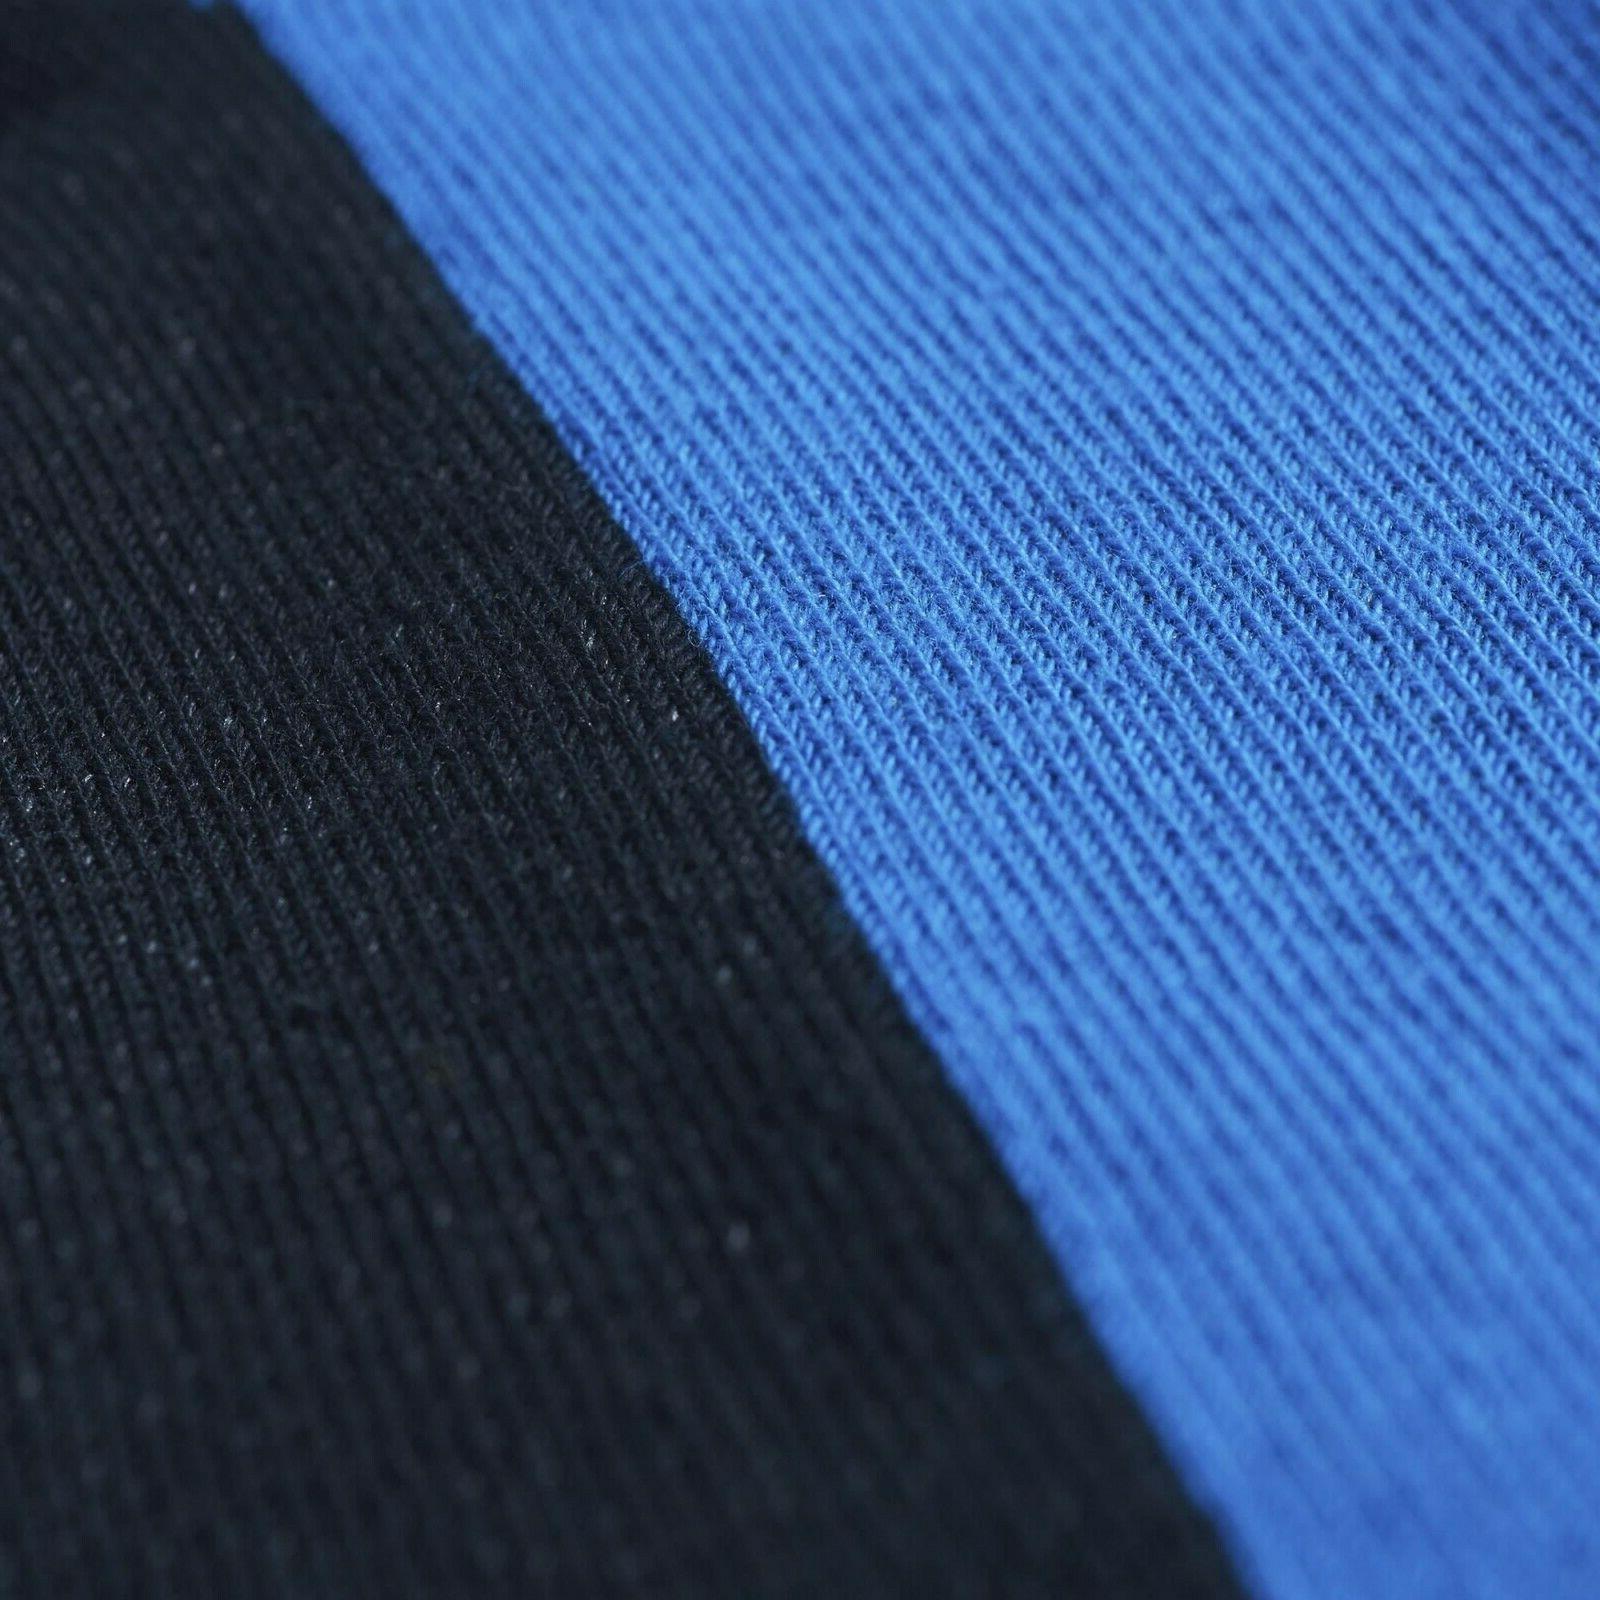 adidas Originals Trefoil Black White 3 Pairs Socks S20275